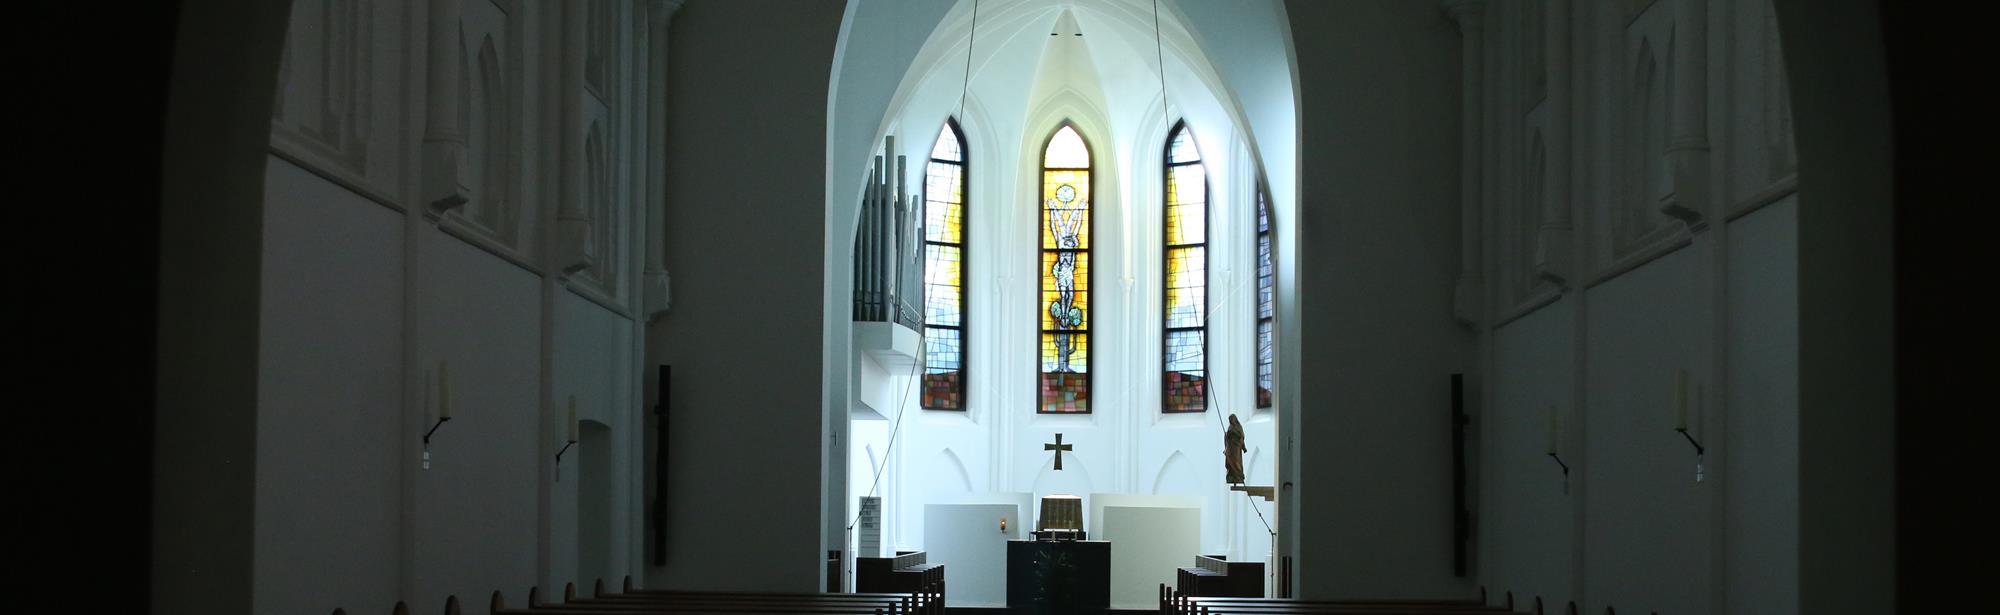 Cisterciënserabdij Lilbosch